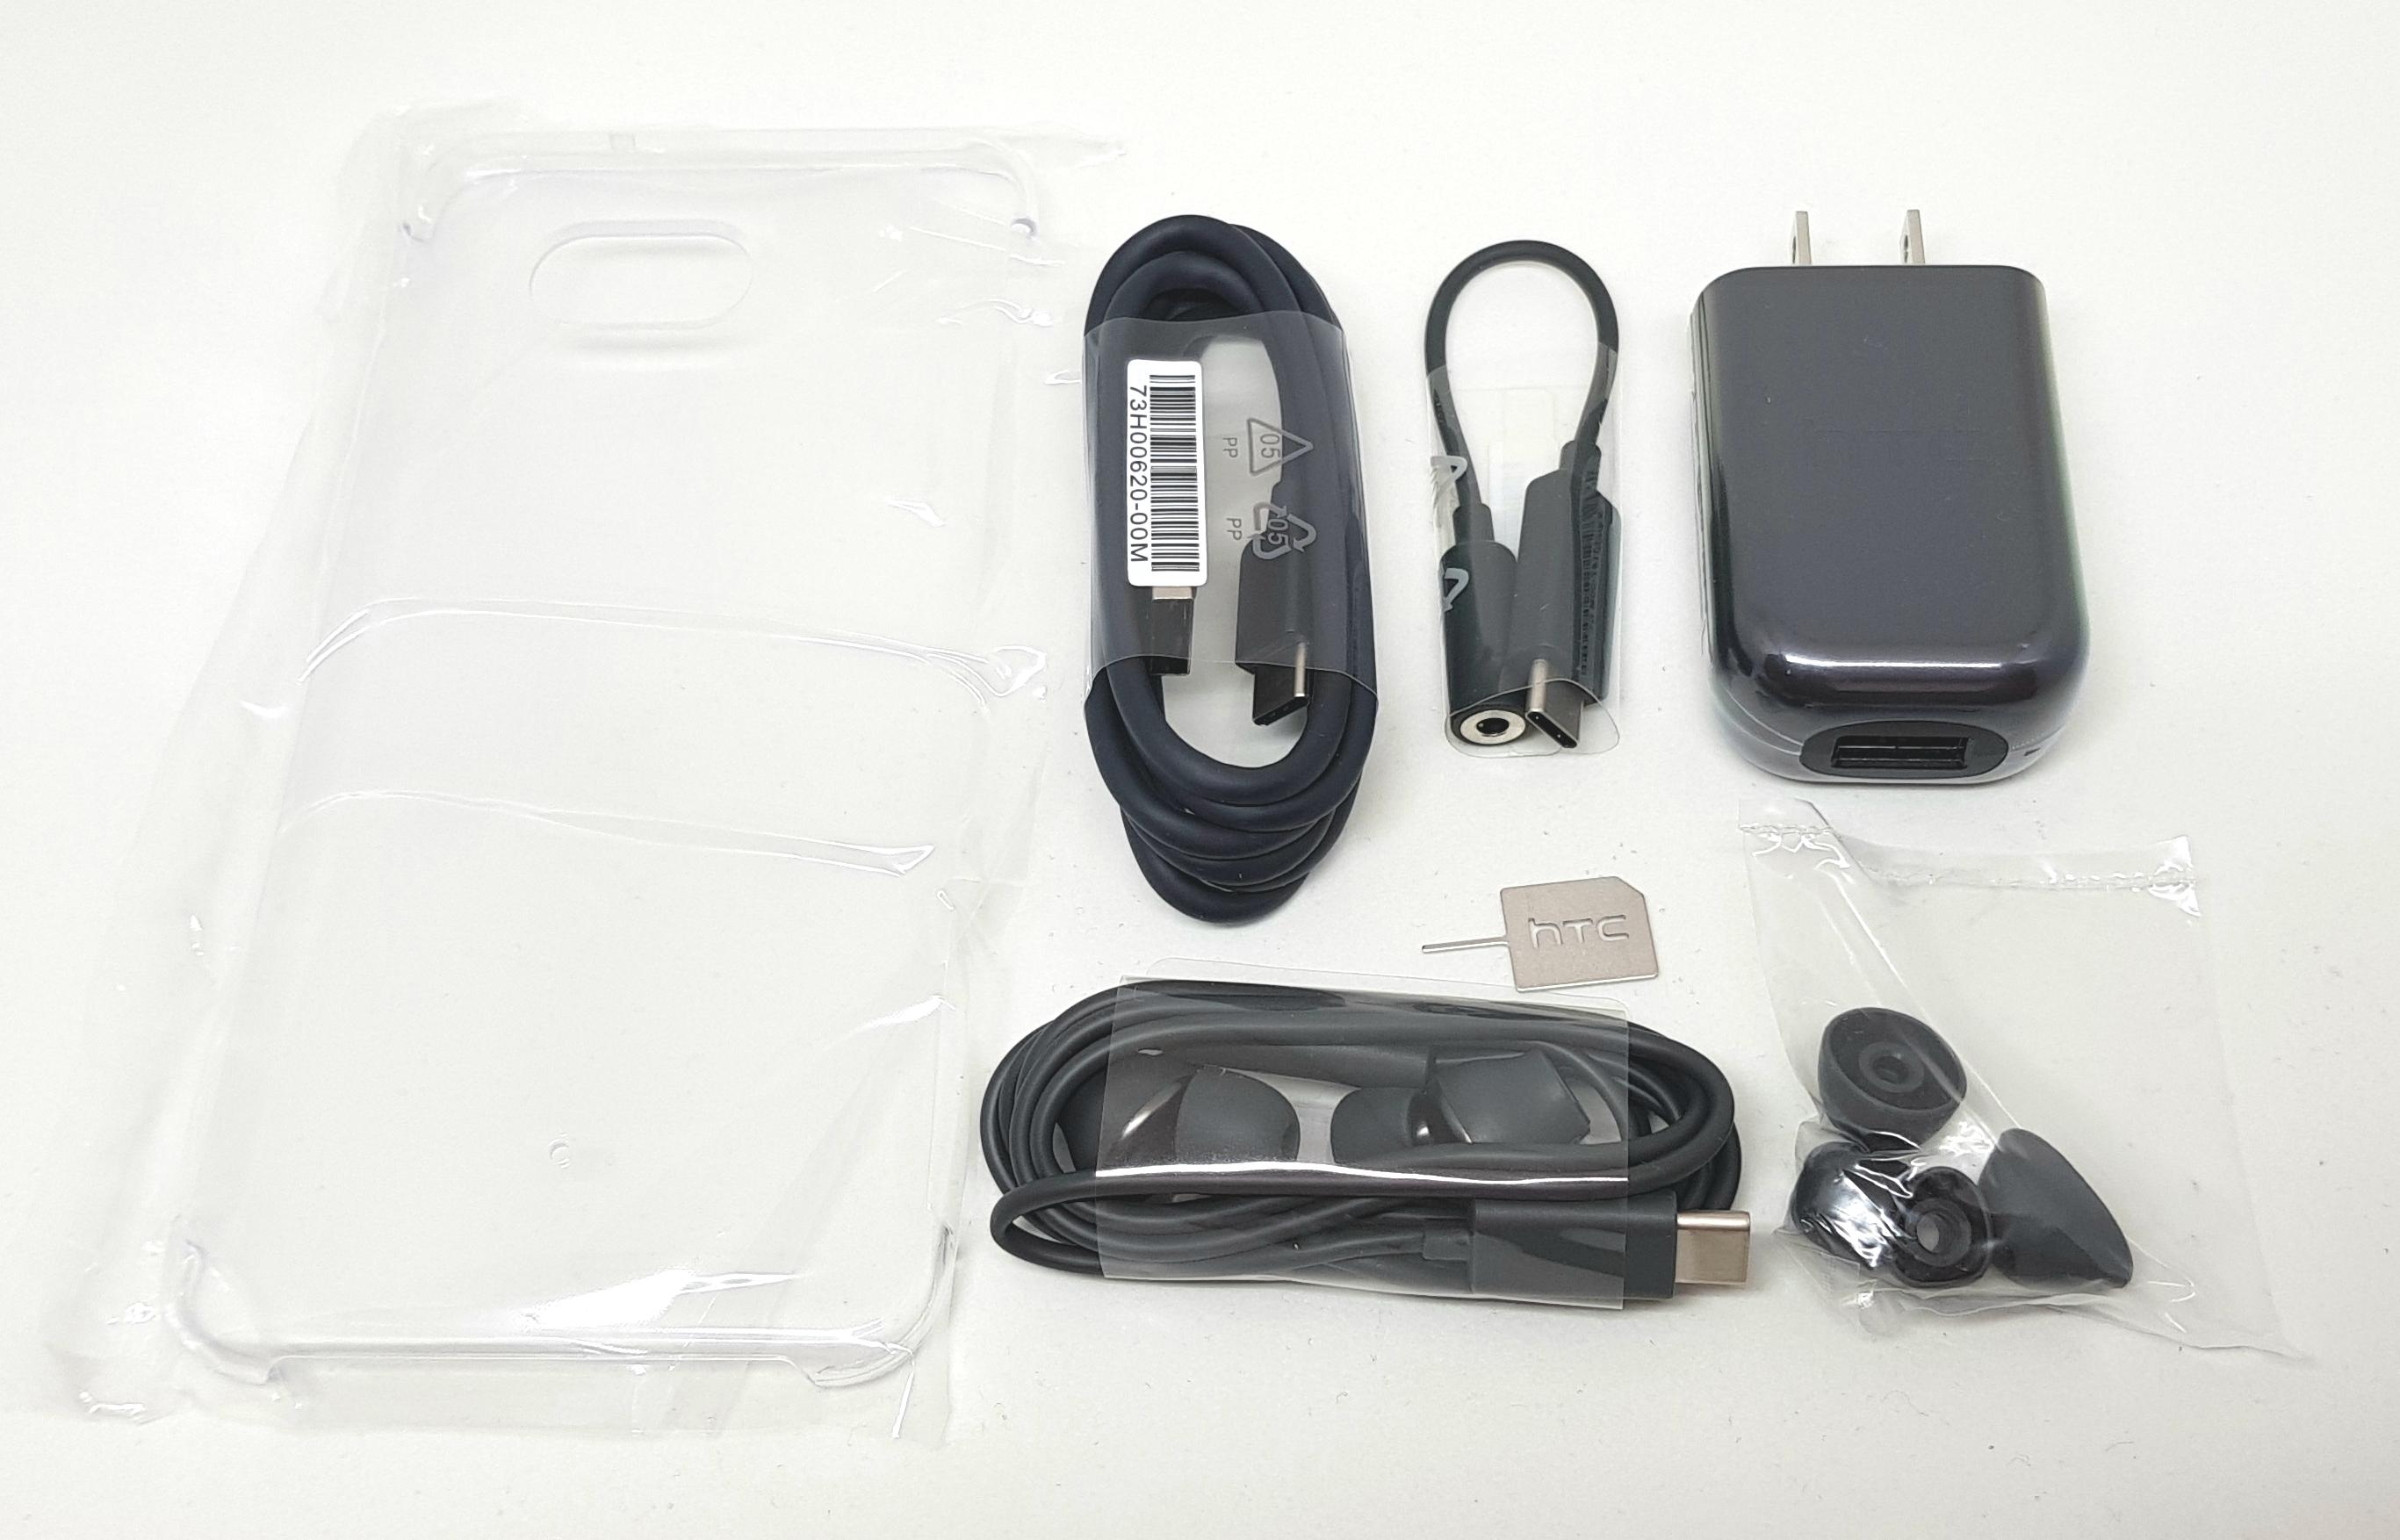 最新「HTC U11」を先行外観レビュー!世界最高&史上最高評価を受けたカメラを搭載【写真21枚記載】